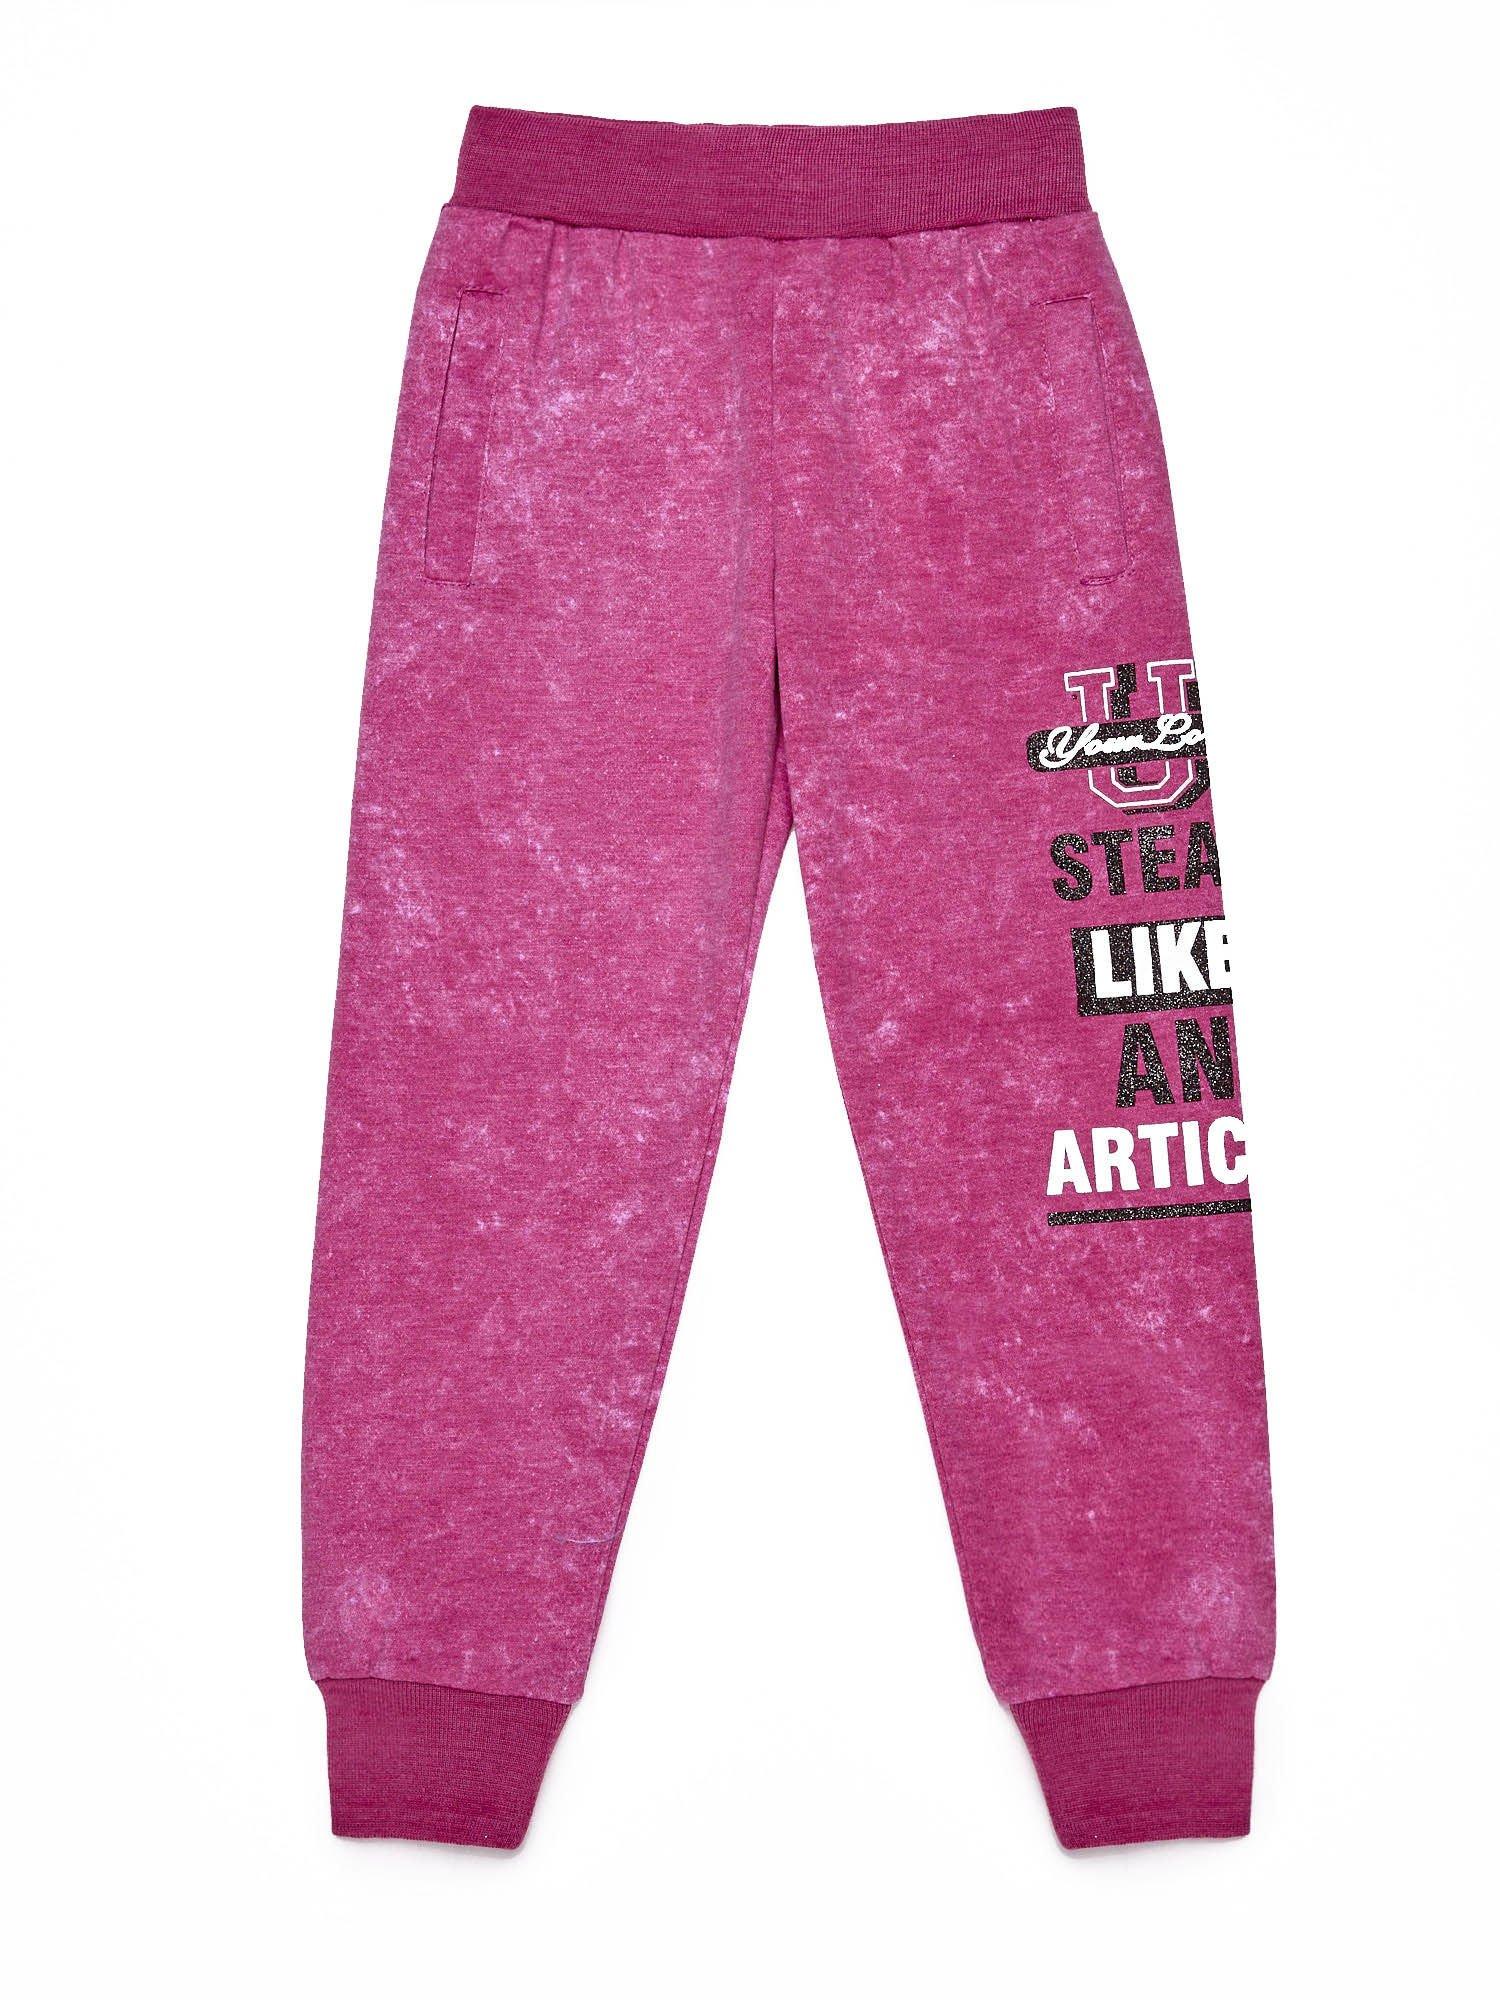 893942c46 Różowe spodnie dresowe dla dziewczynki z tekstowym nadrukiem - Dziecko  Dziewczynka - sklep eButik.pl